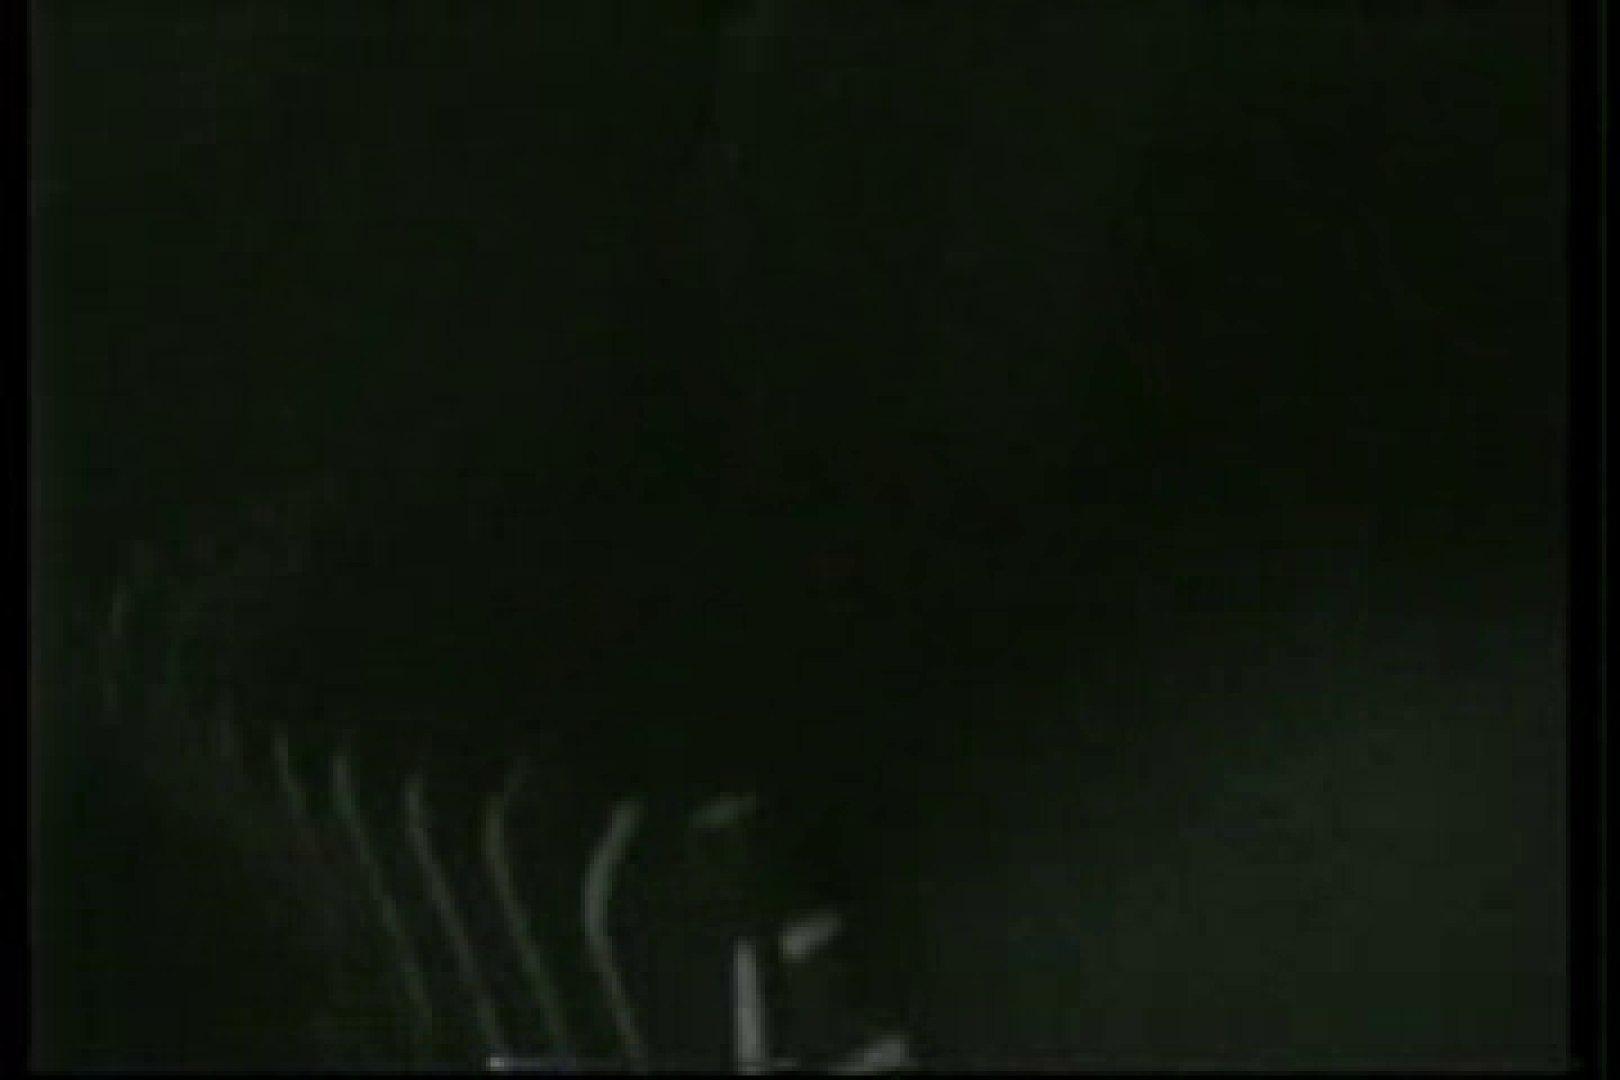 【実録個人撮影】男の子達の禁断の愛欲性活!!vol.02(対女性アナル責め) 対女性 ゲイ丸見え画像 105枚 65